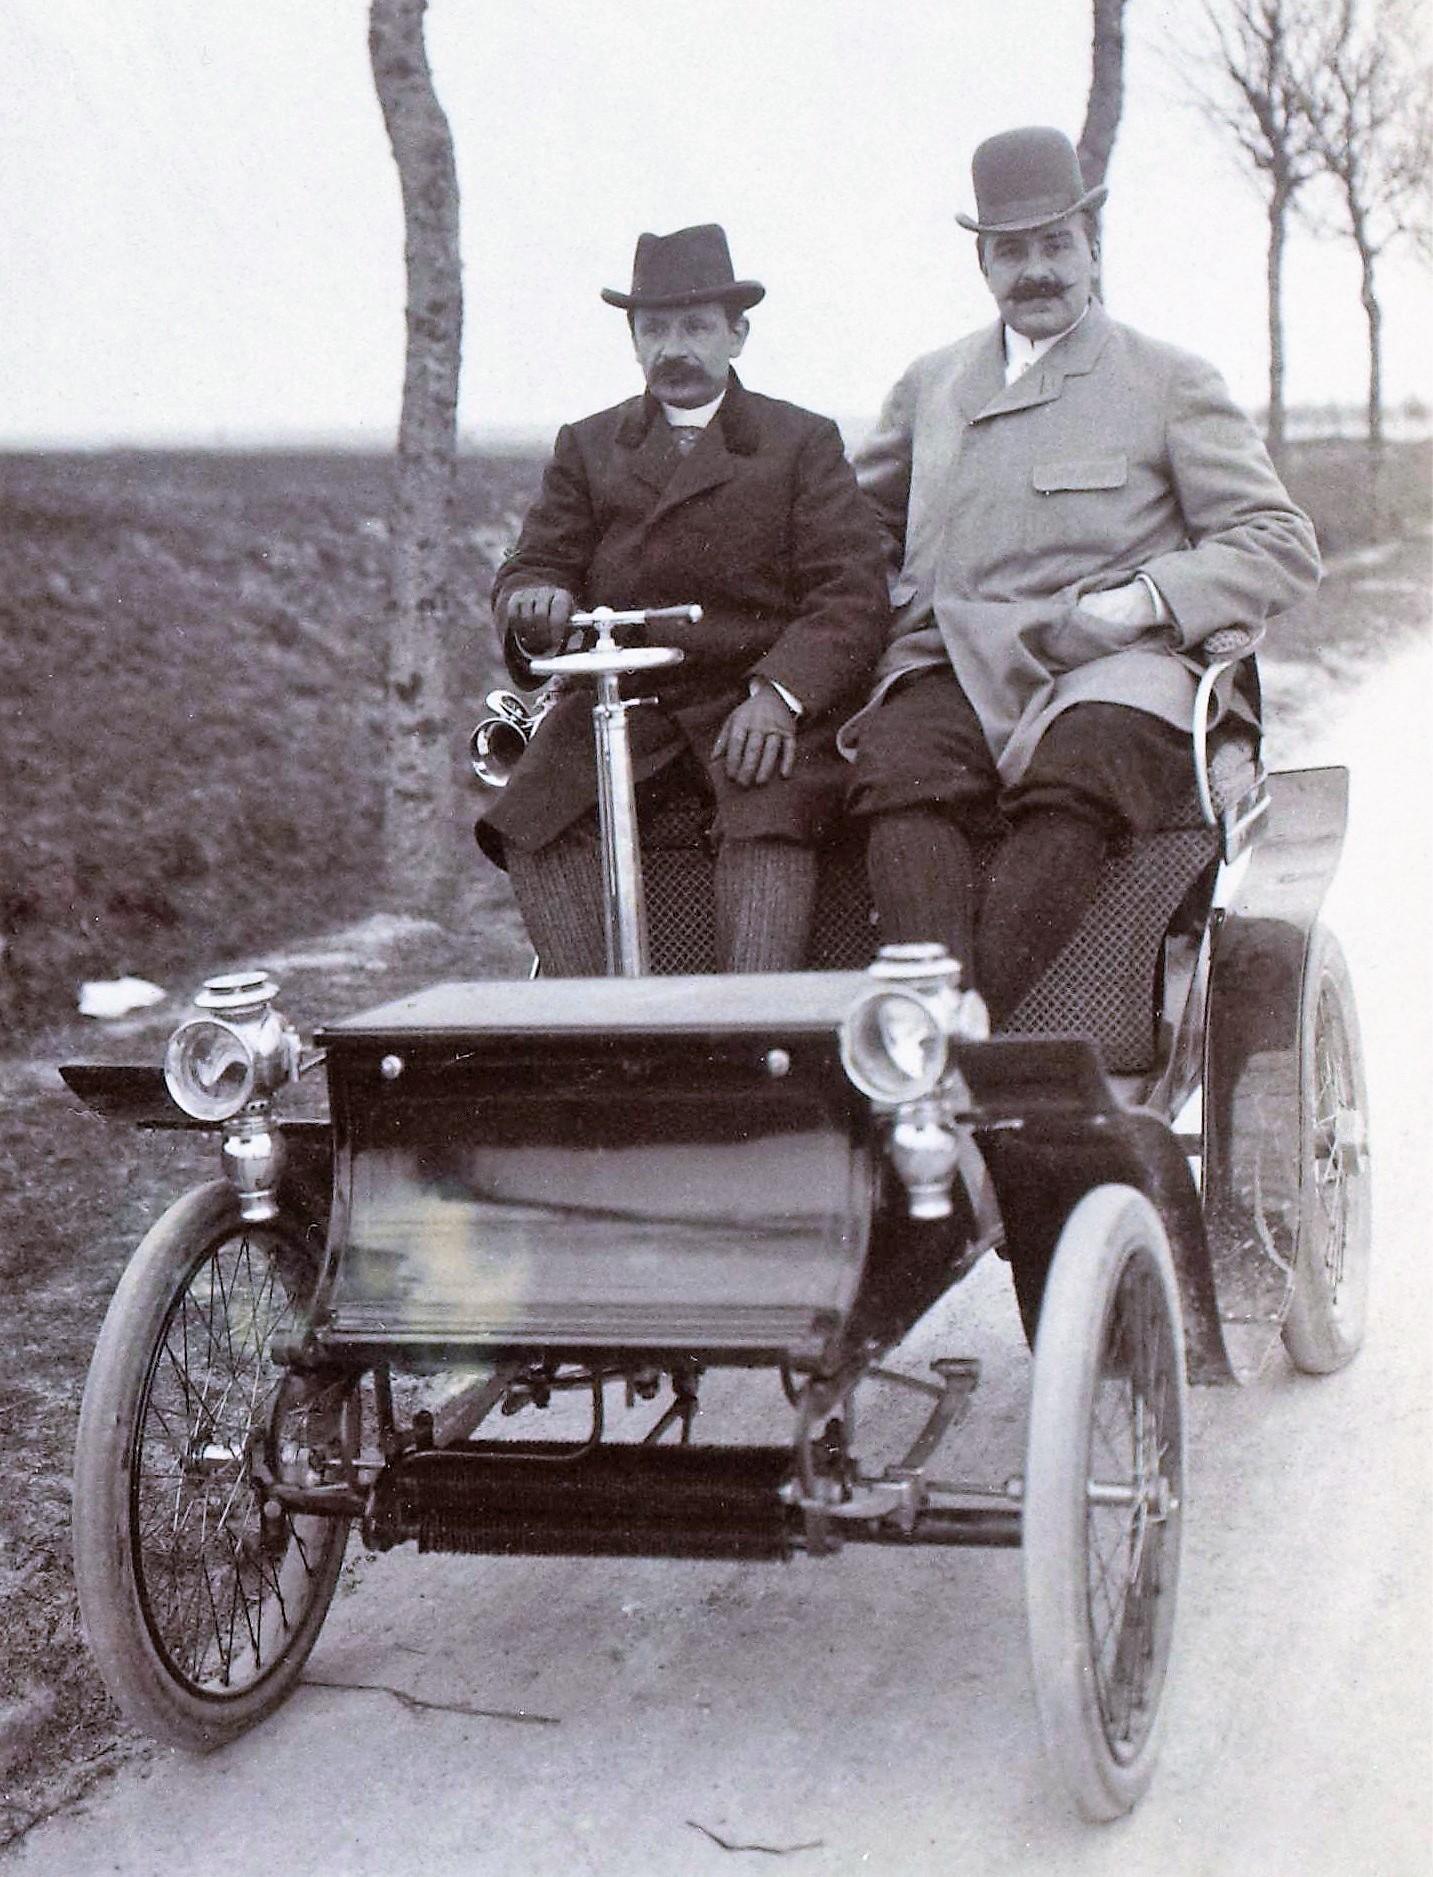 Georges_Bouton_et_Jules-Albert_de_Dion_au_Critérium_des_Motocycles_de_1899